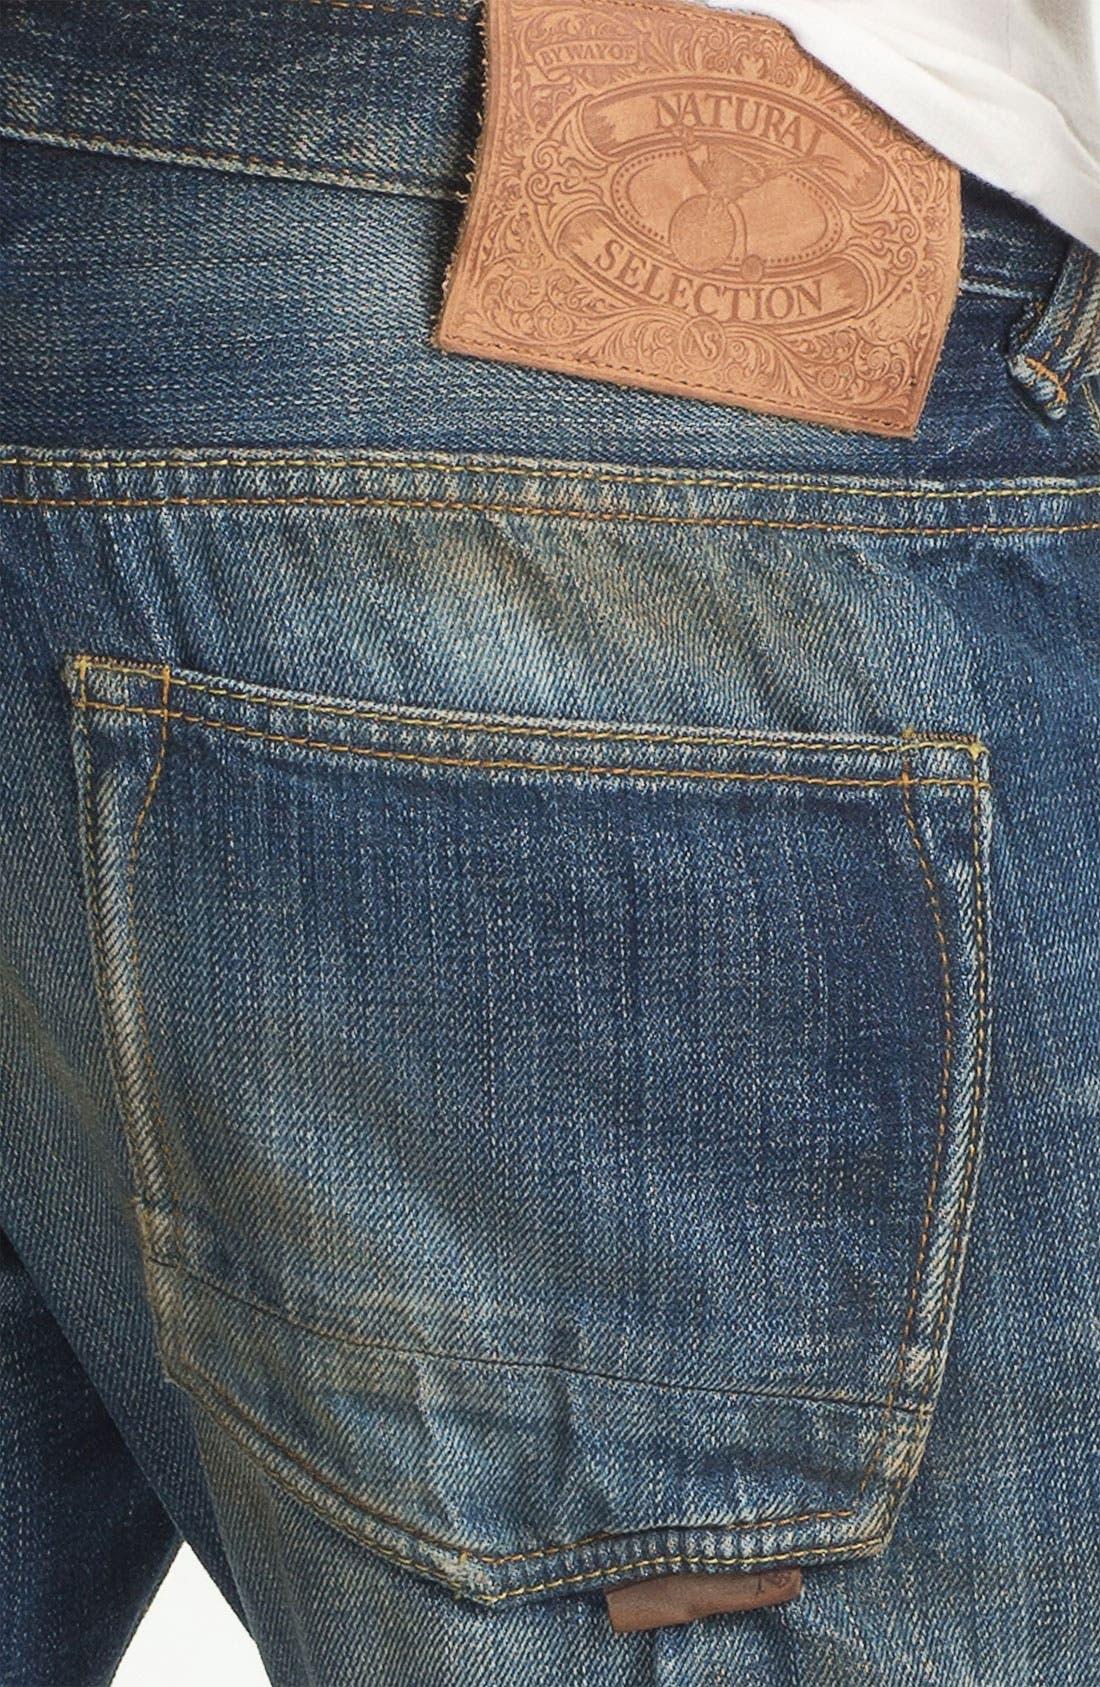 Alternate Image 4  - Natural Selection Denim 'Broken' Narrow Straight Leg Selvedge Jeans (Dune)